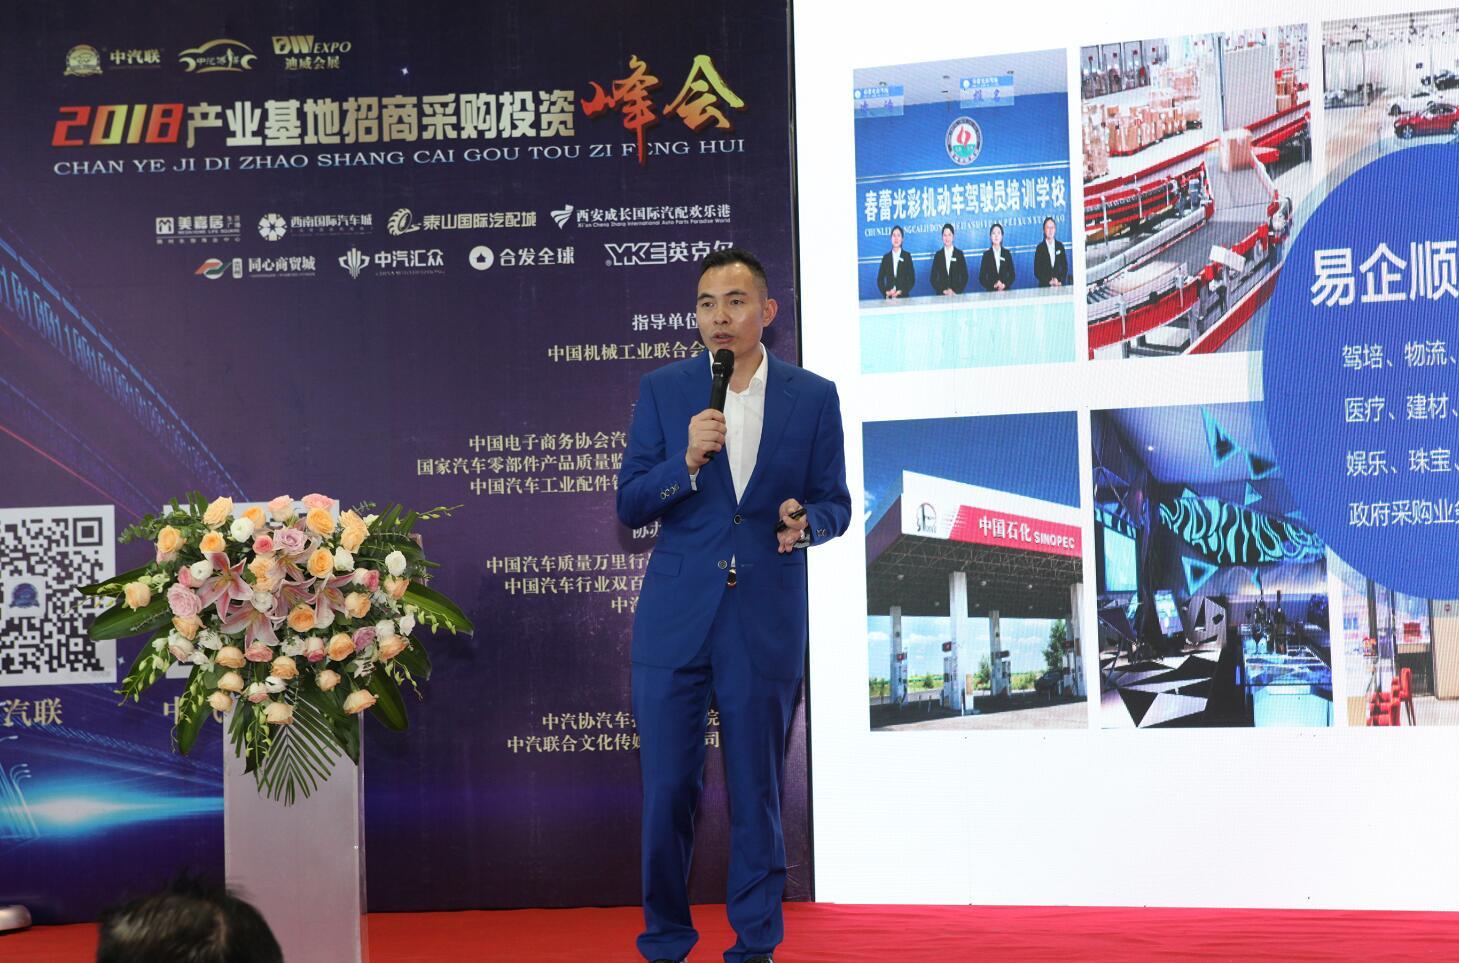 易企顺供应链平台创始人林清海.jpg